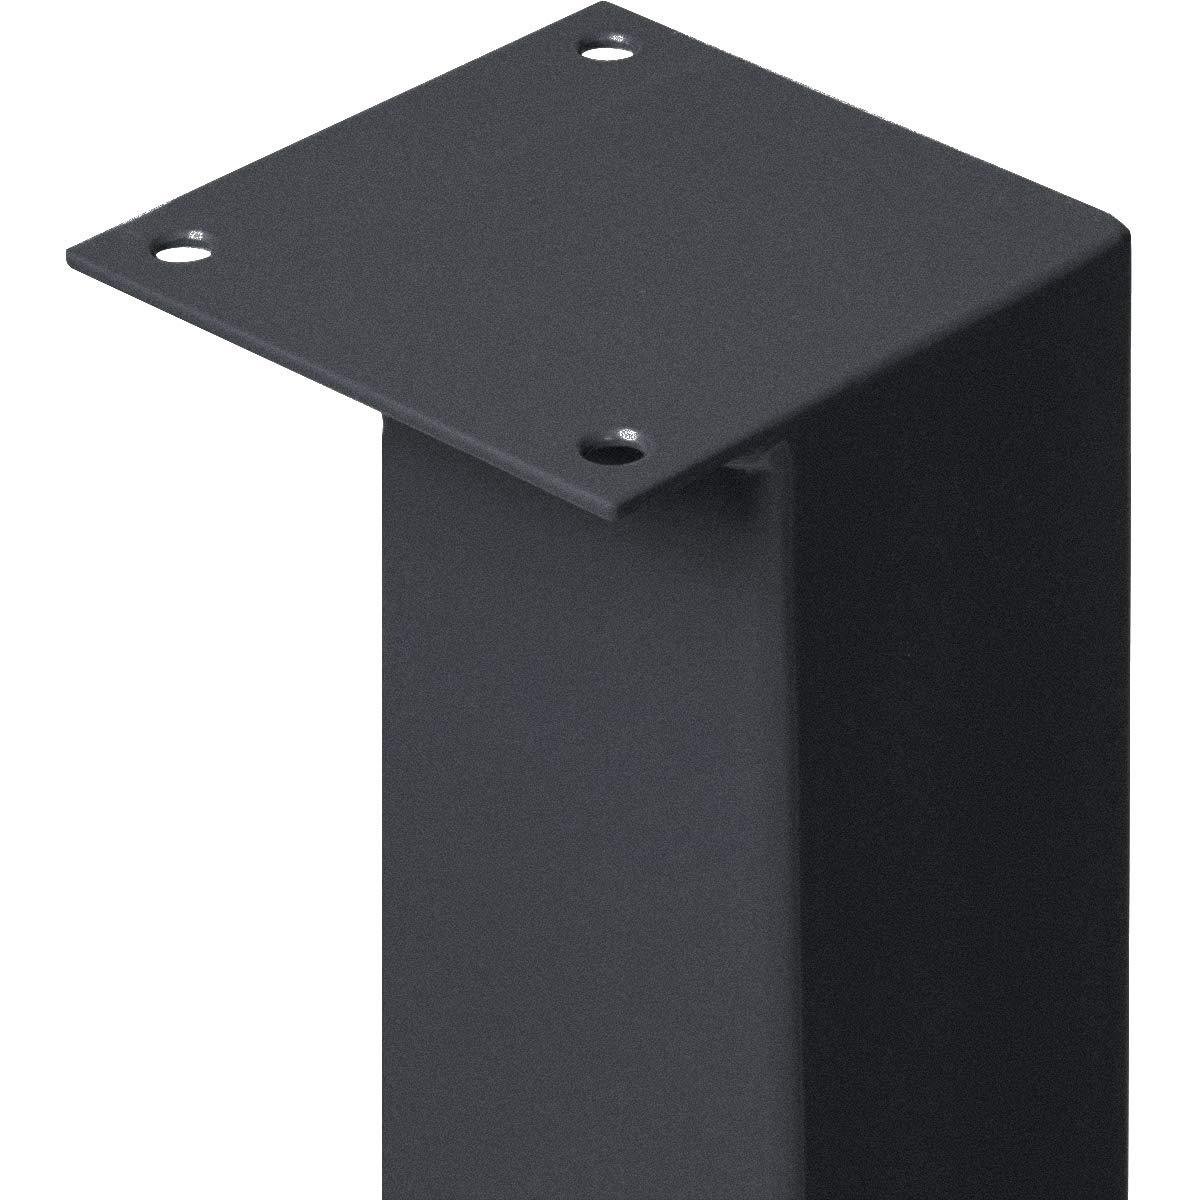 Noir Fonce Hauteur 90 Cm Hlt 14a J 90 9005 Holzbrink Pied De